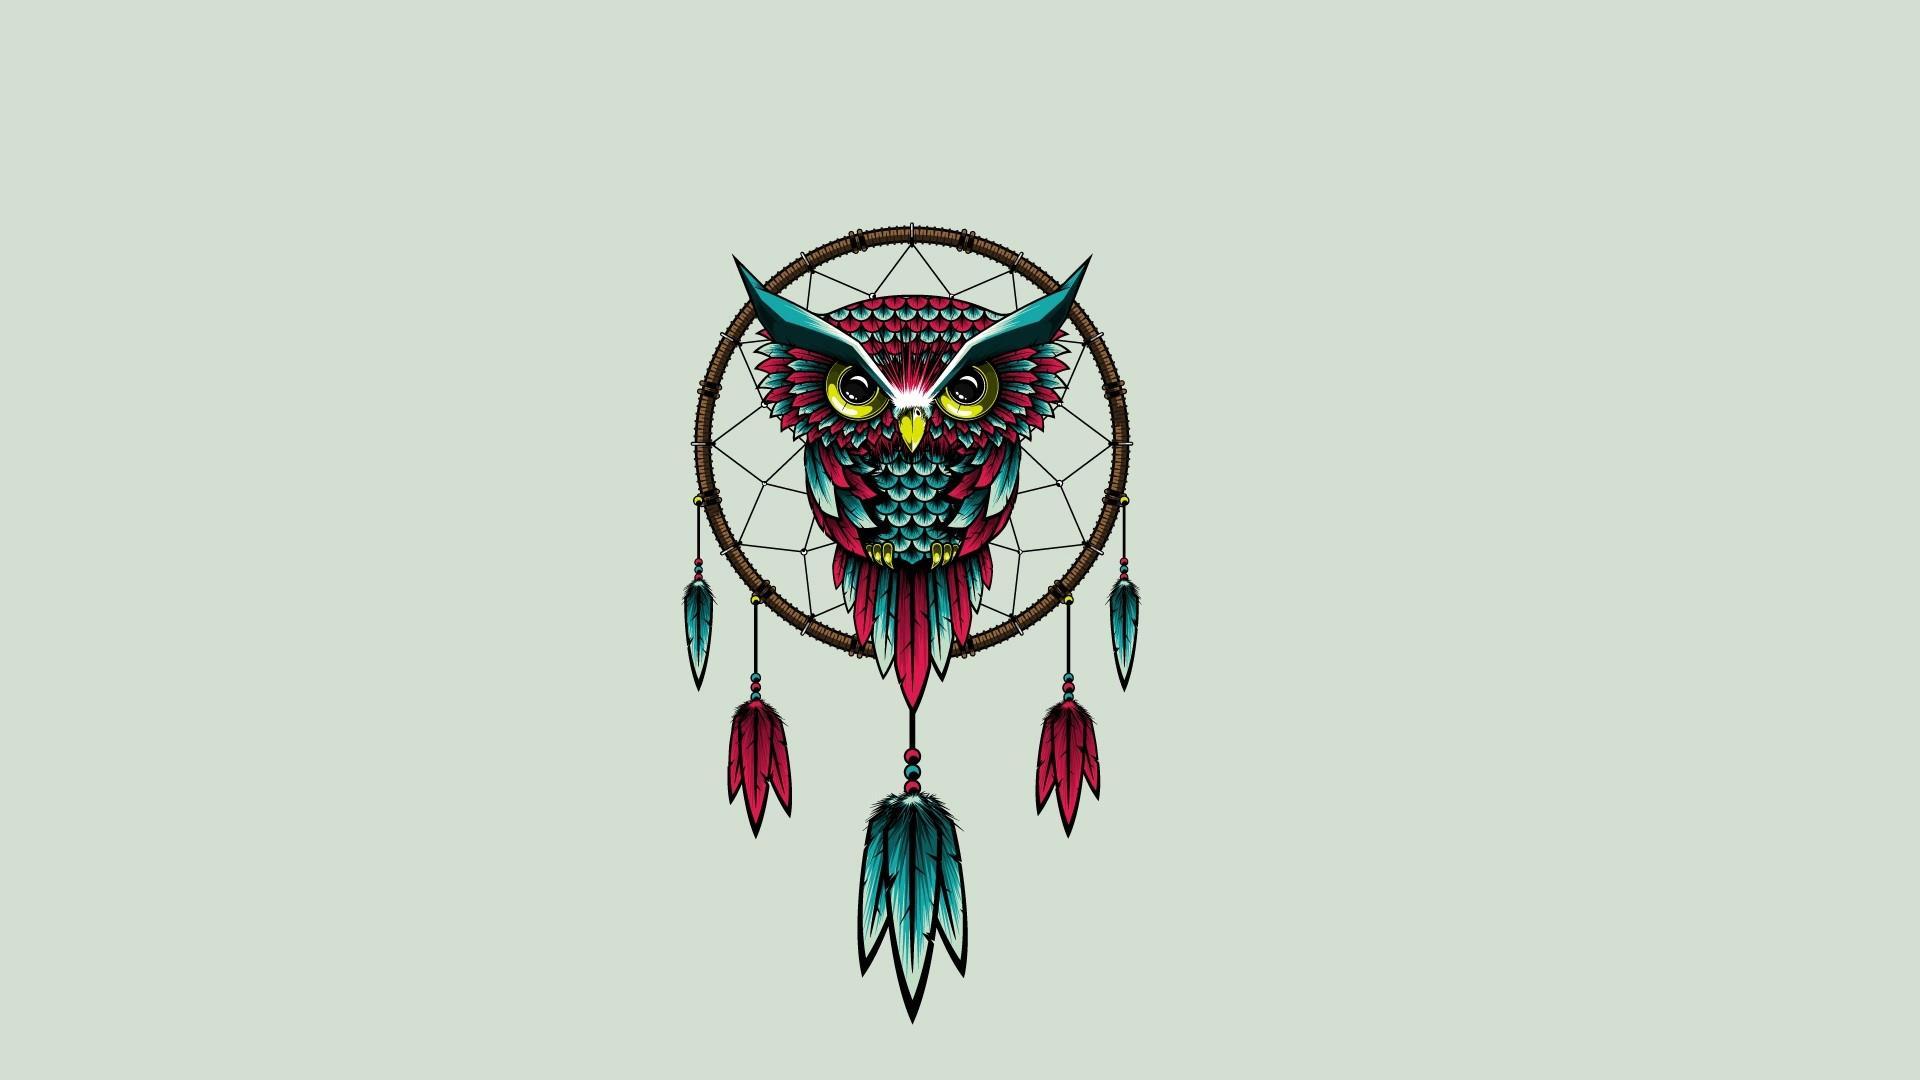 Owl dream catcher wallpaper